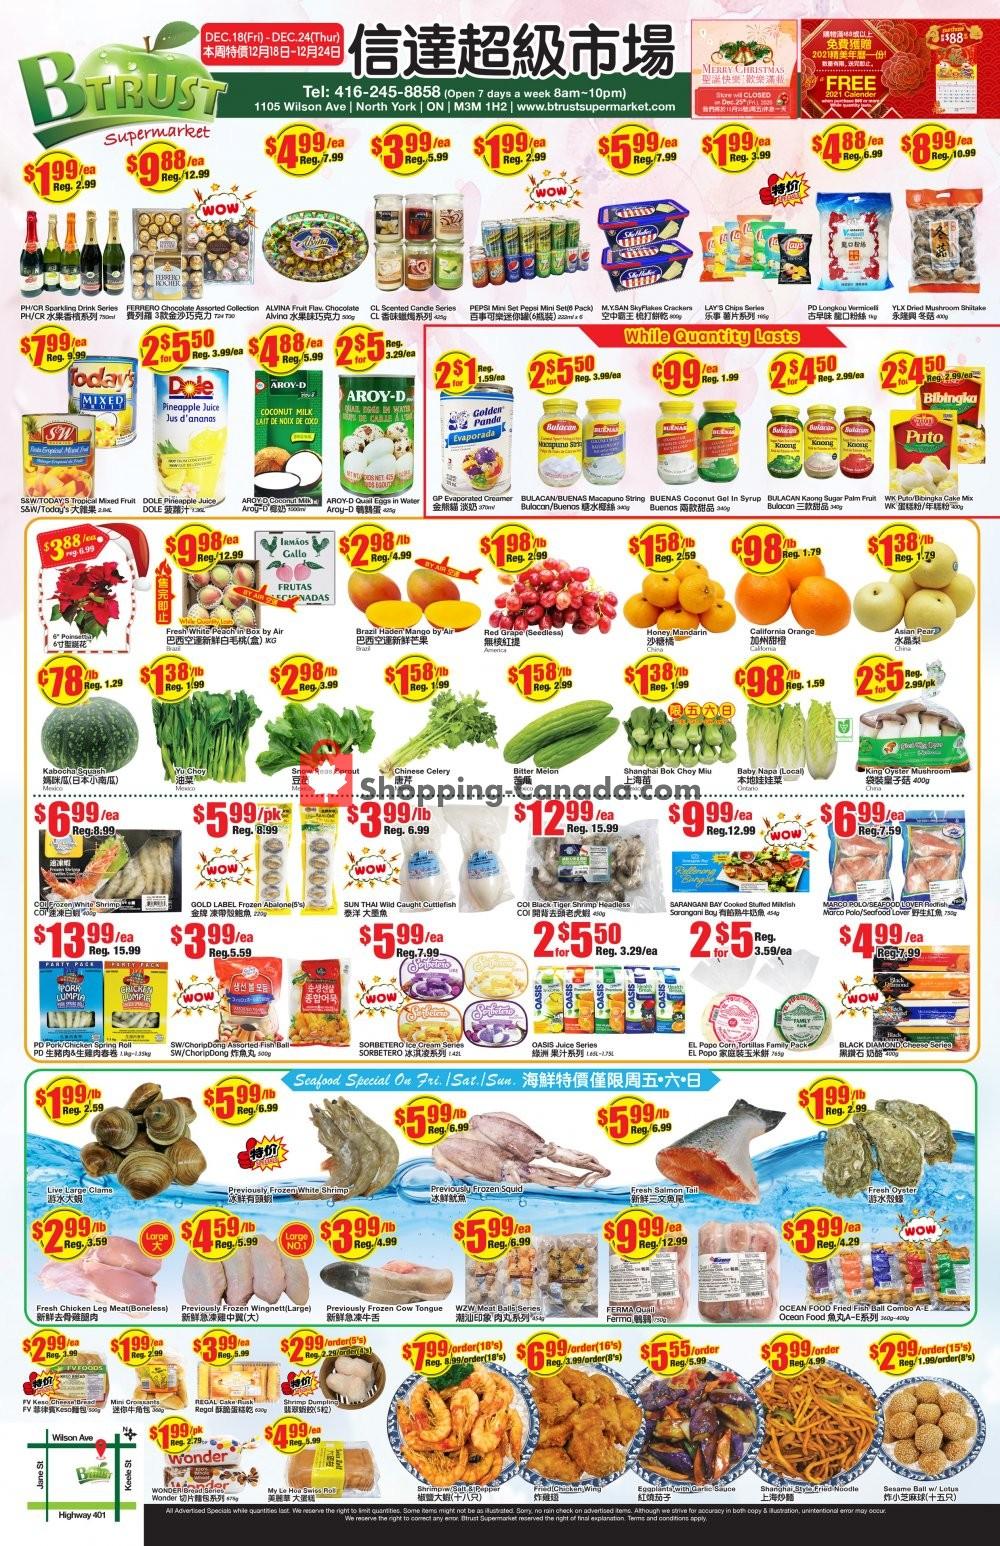 Flyer Btrust Supermarket Canada - from Friday December 18, 2020 to Thursday December 24, 2020